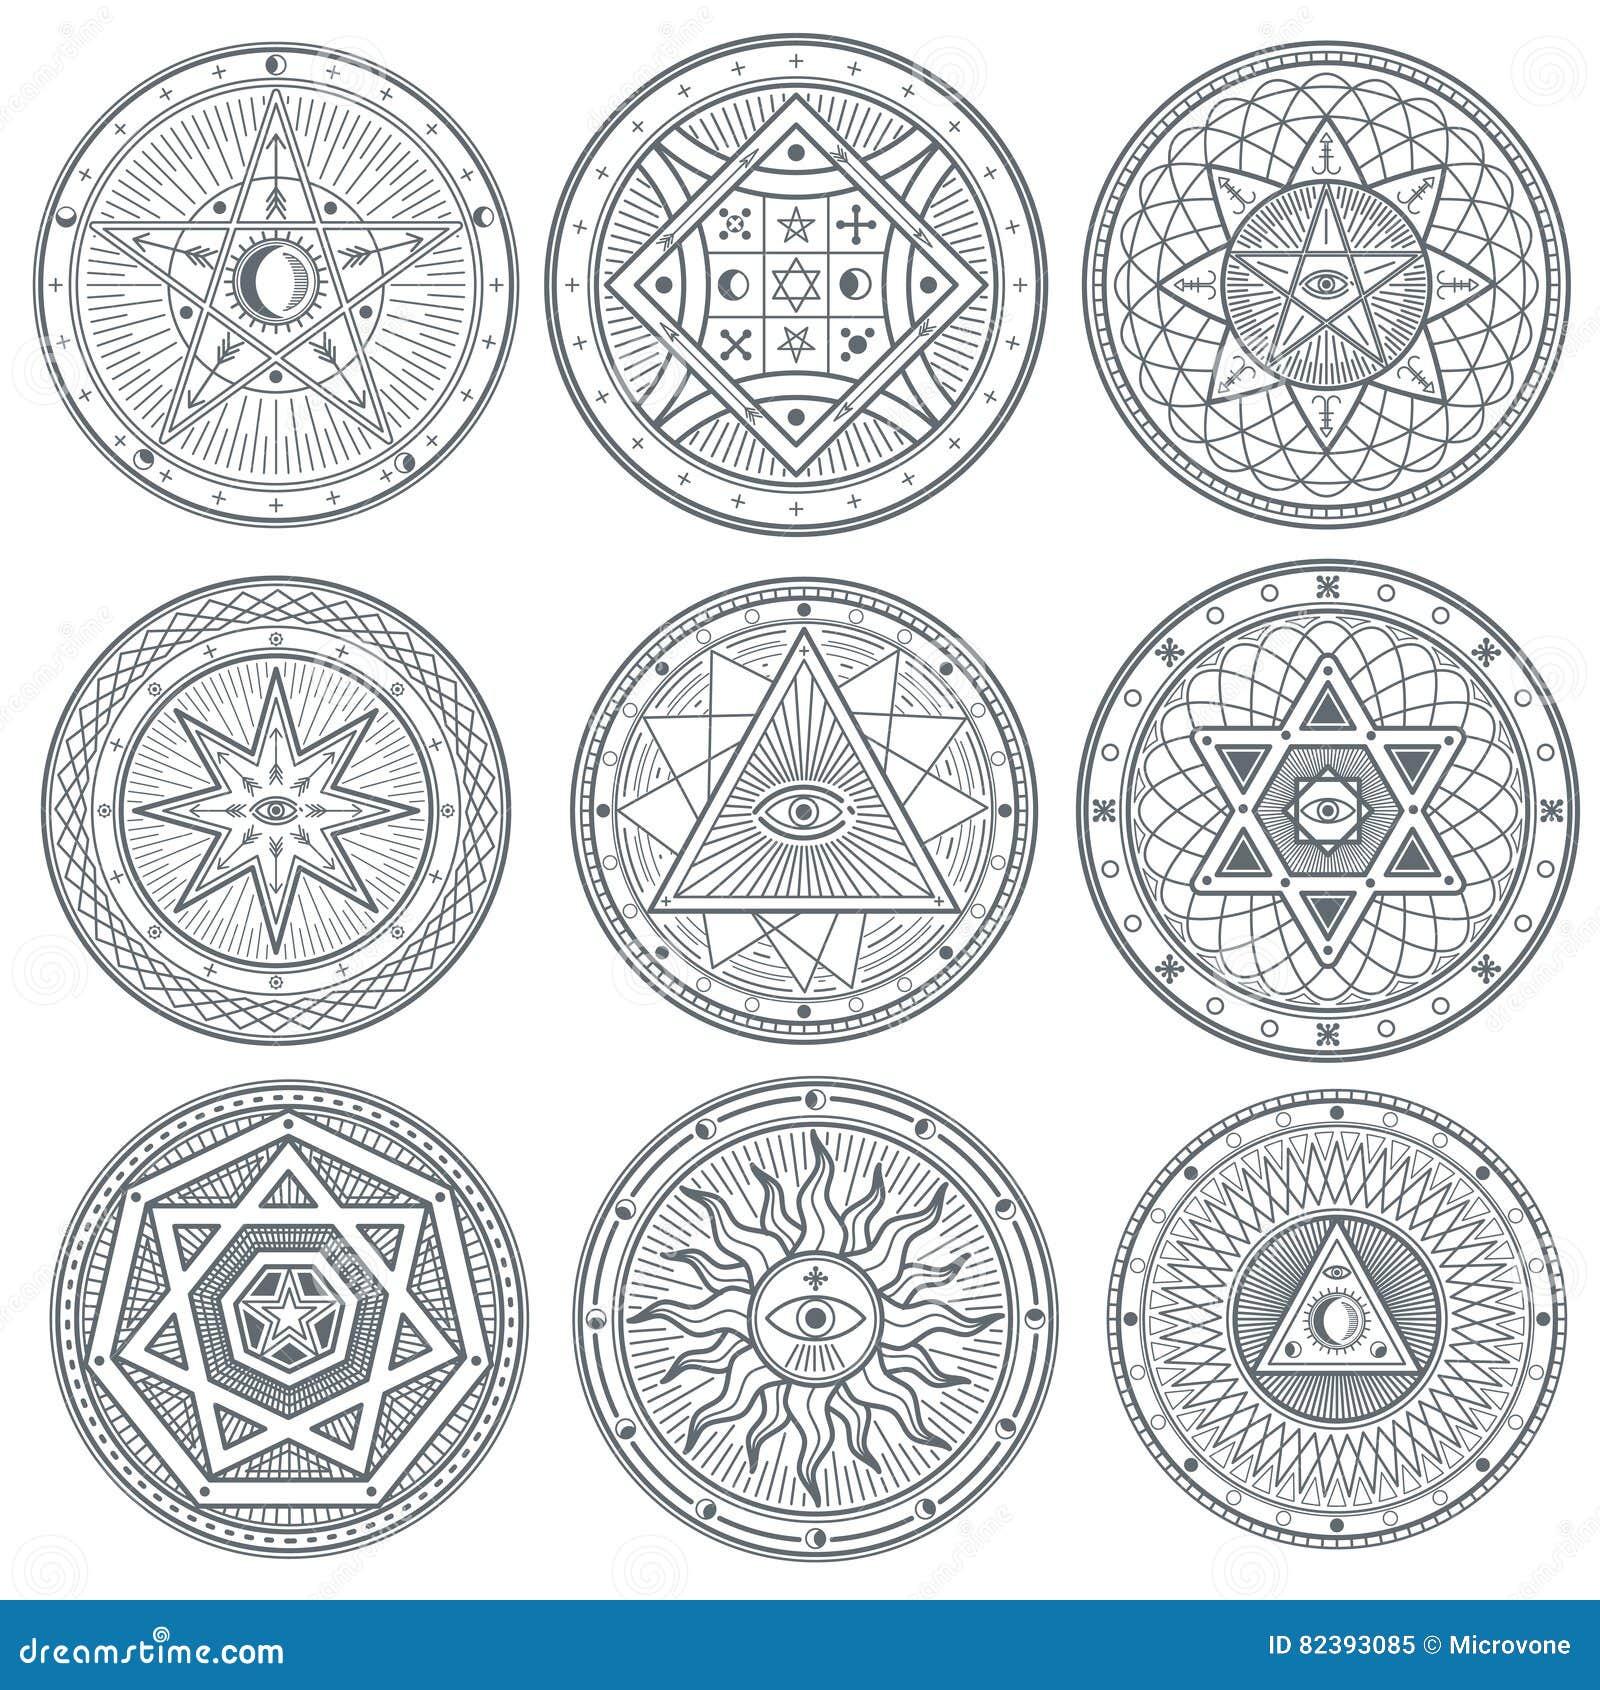 Occult, Mystic, Spiritual, Esoteric Vector Symbols Stock Vector